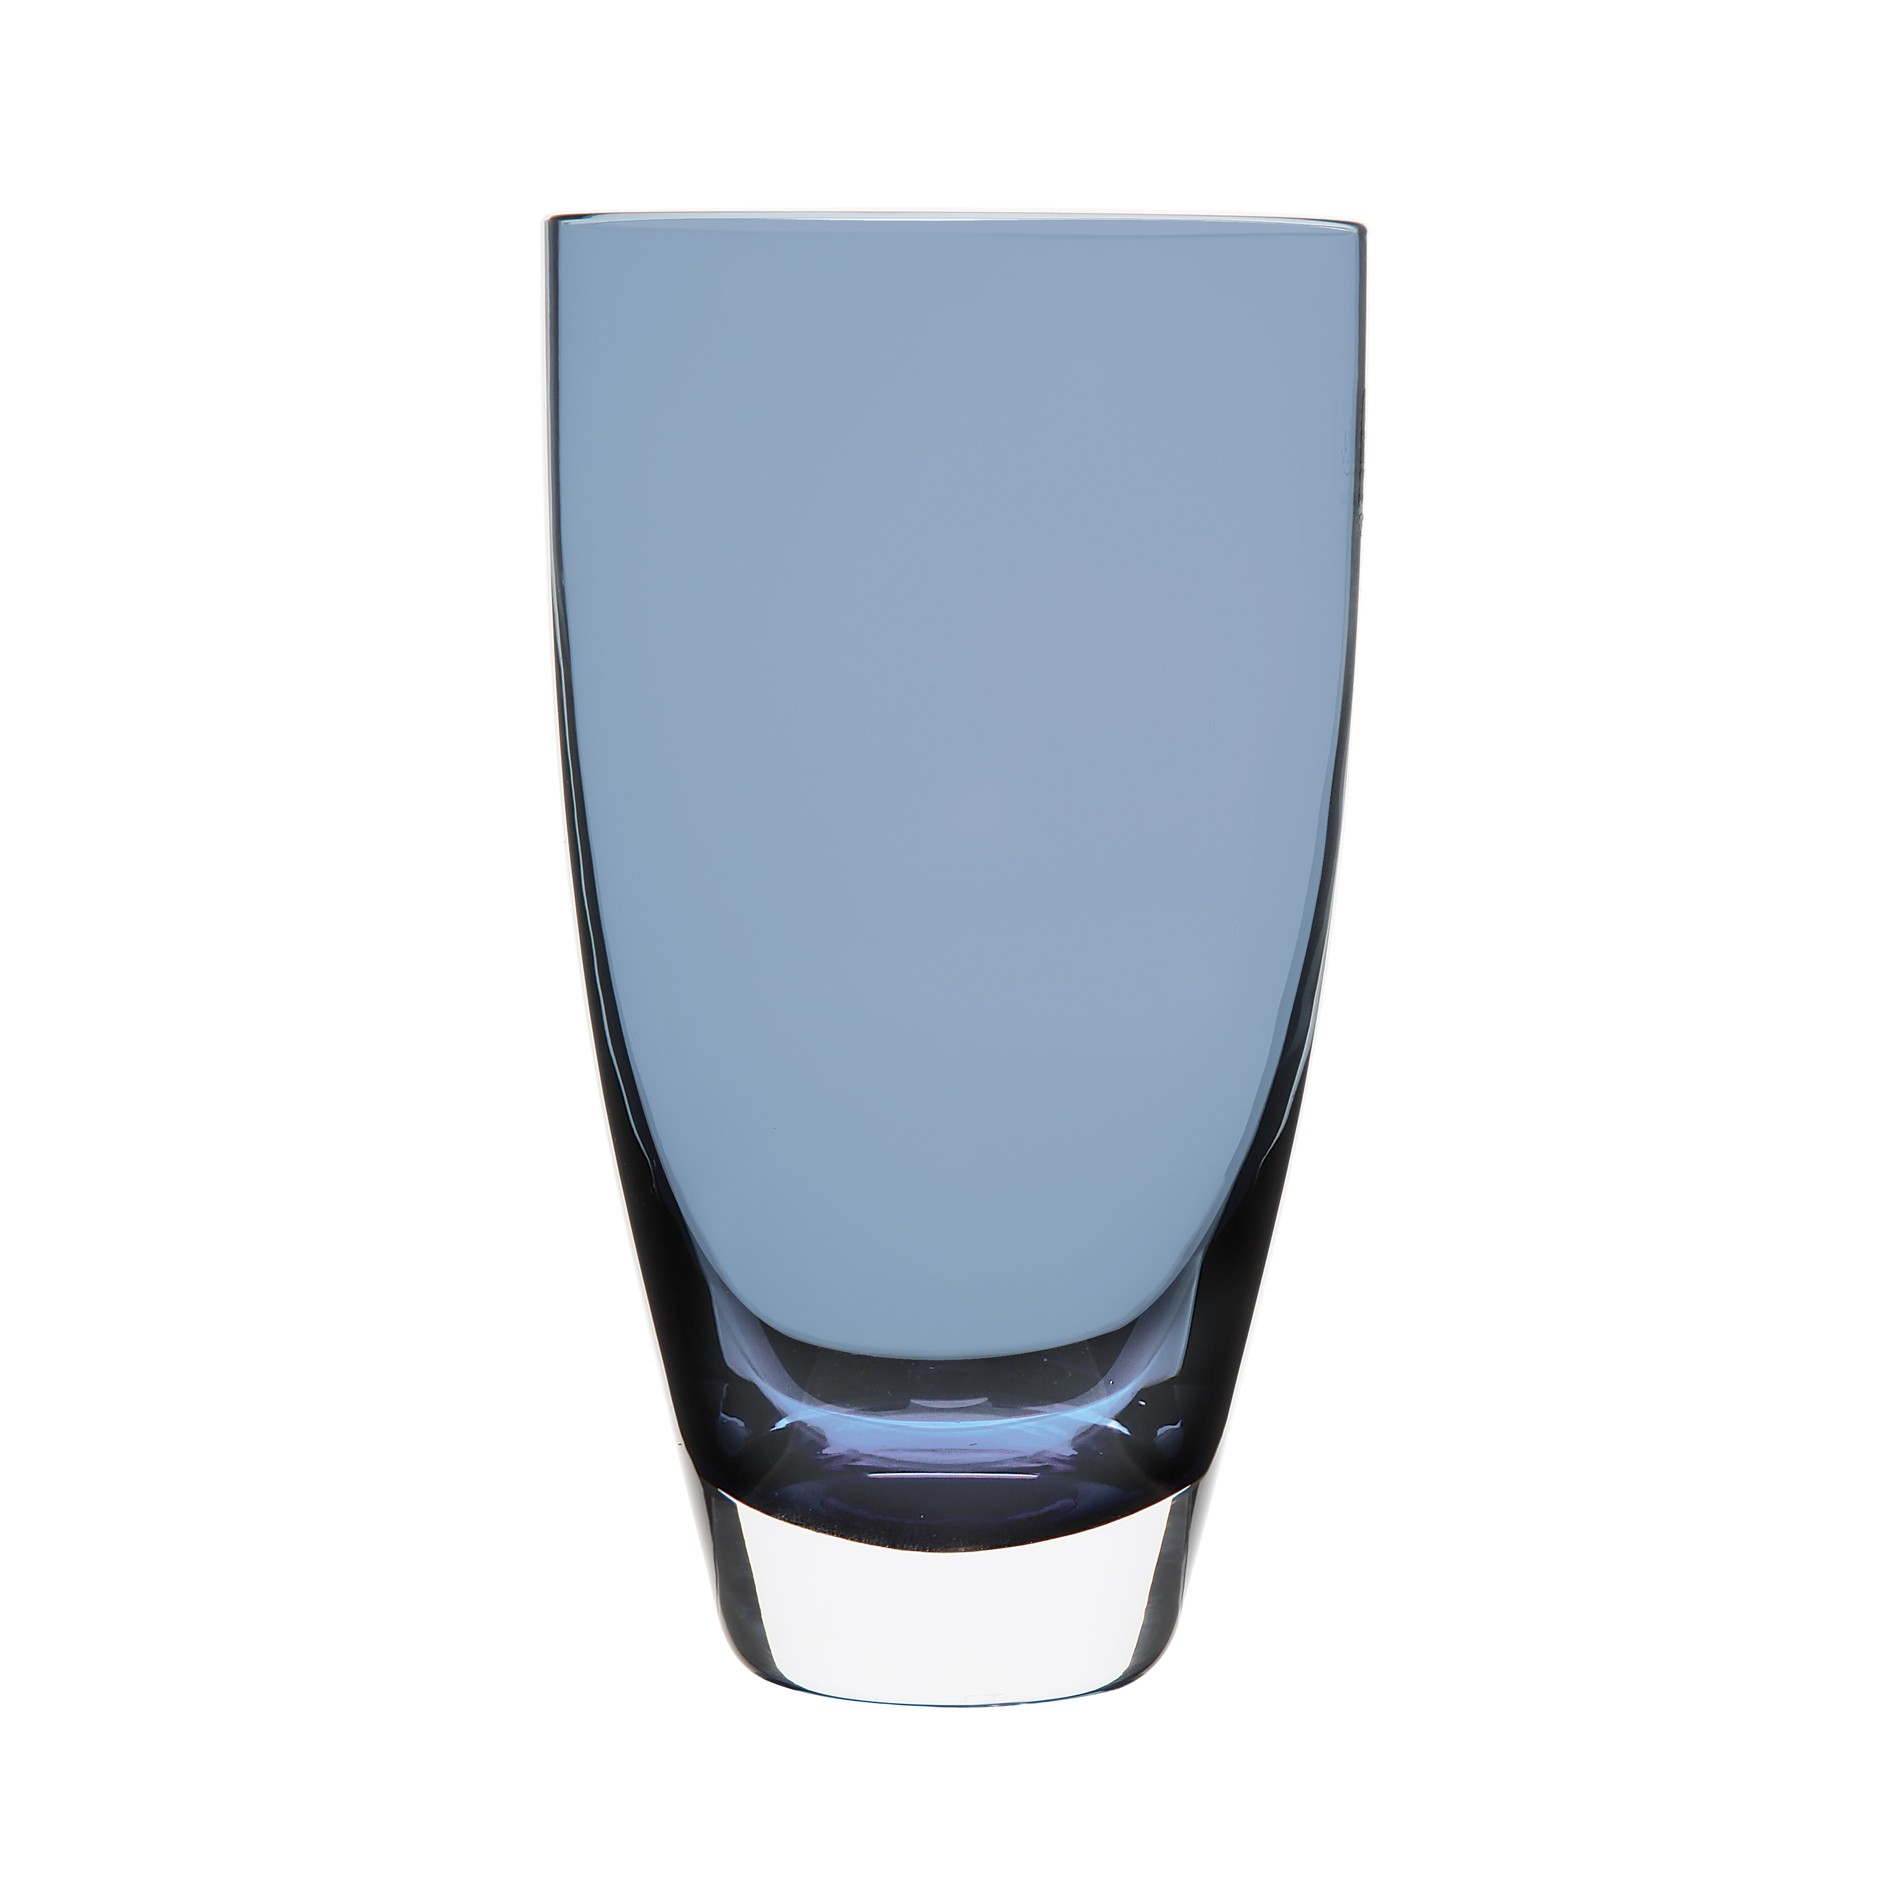 Ποτήρι Νερού - Αναψυκτικού Paradise Μπλε Σετ 6Τμχ 500ml Ionia home   ειδη σερβιρισματος   ποτήρια